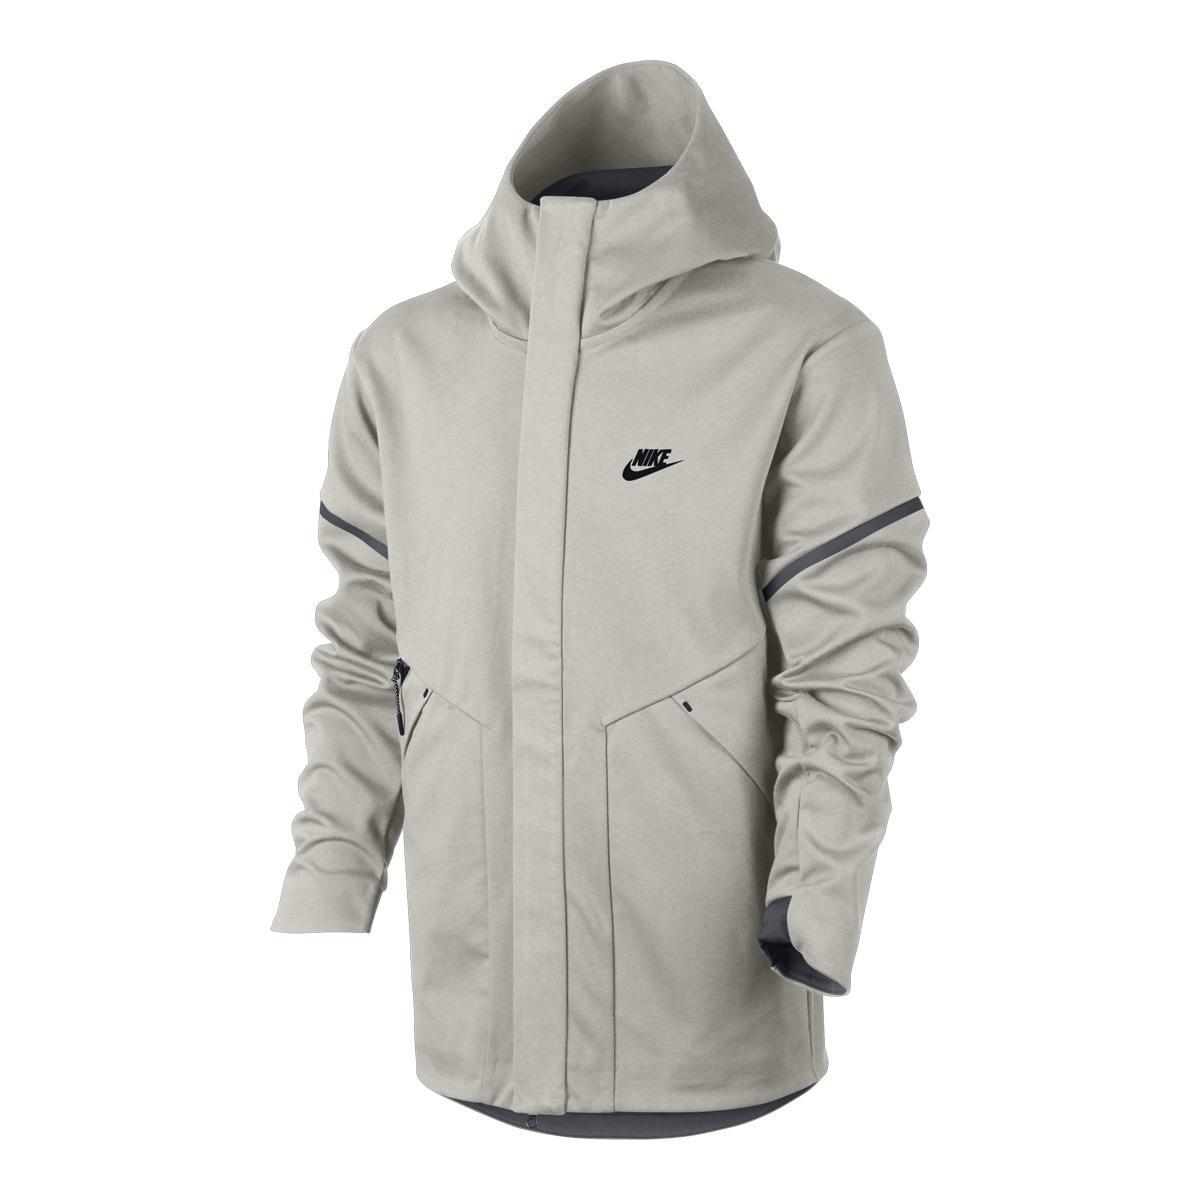 a6573fe095a2a Nike Sportswear Tech Fleece Windrunner Jacket in Gray for Men - Lyst